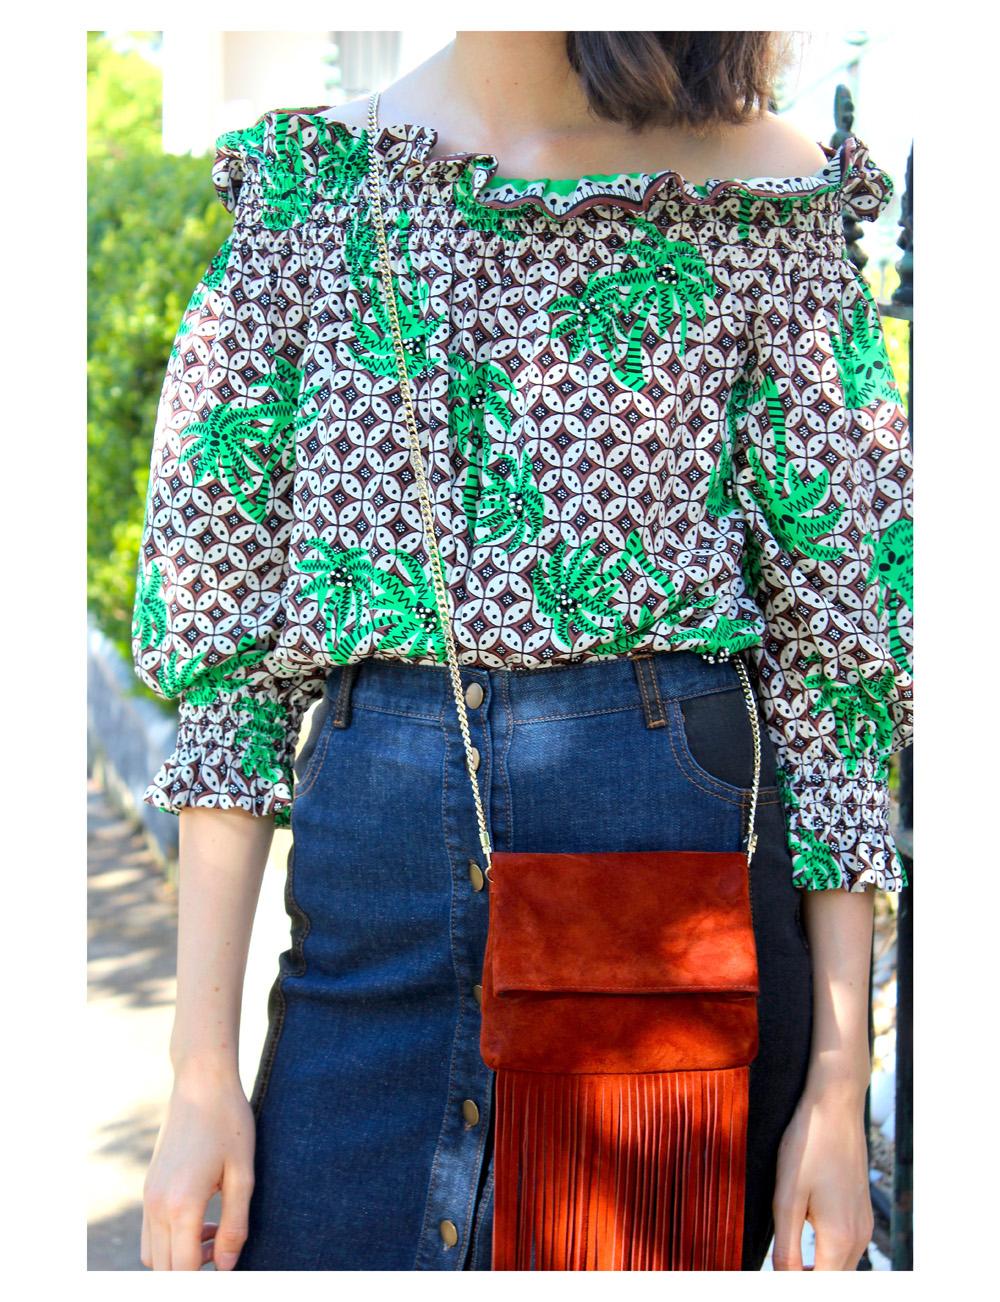 Sydney fashion blogger Chloe Hill